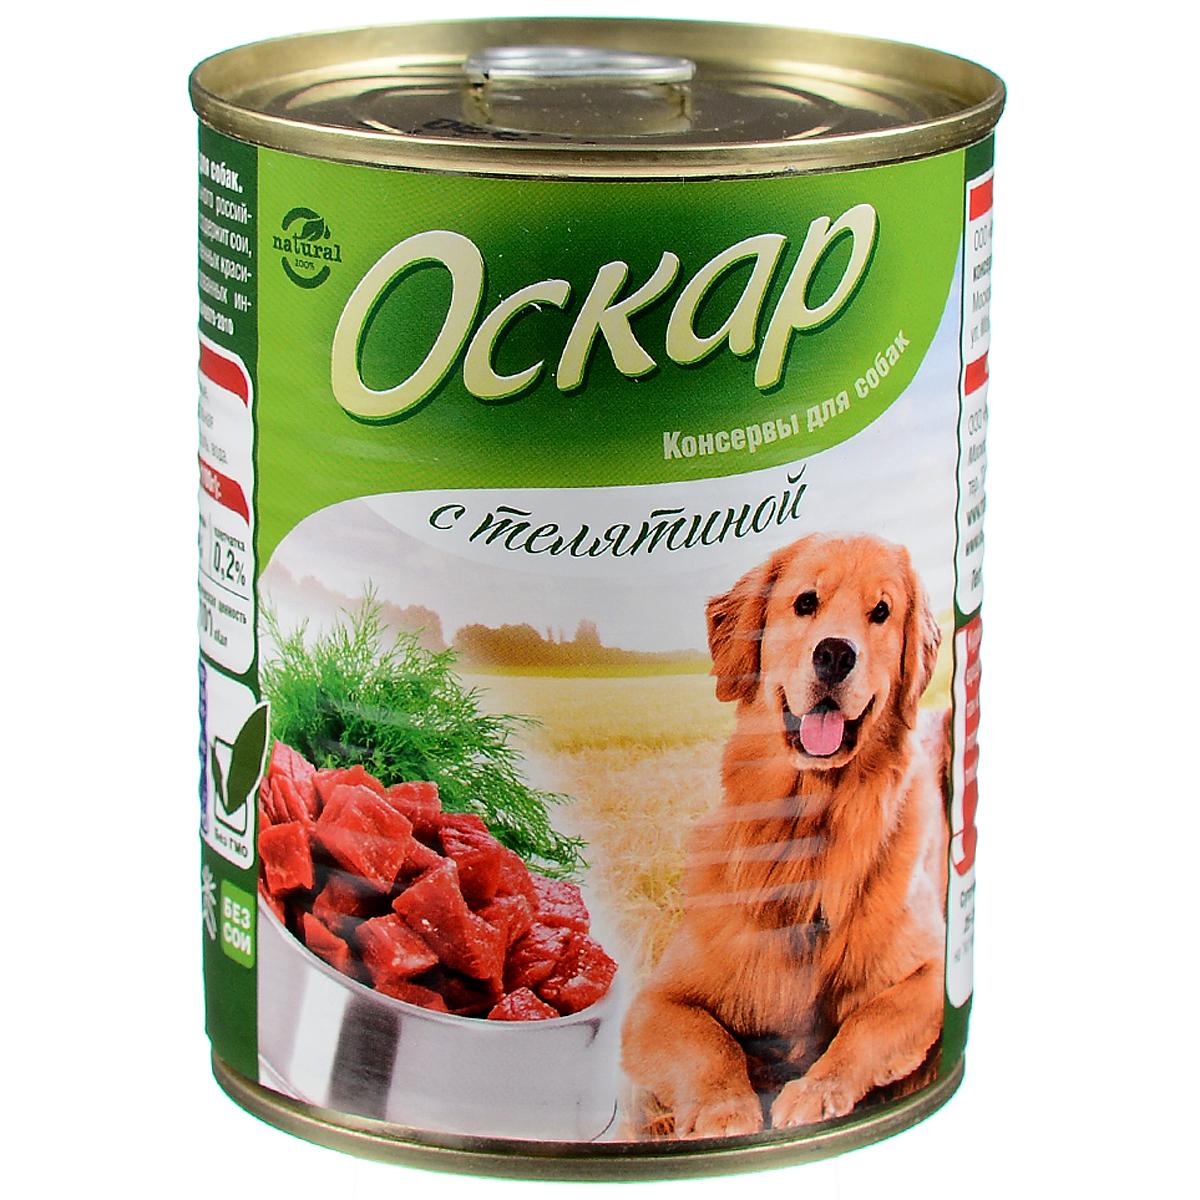 Консервы для собак Оскар, с телятиной, 750 г54765Консервы для собак Оскар изготовлены из натурального российского мясного сырья. Не содержат сои, ароматизаторов, искусственных красителей, ГМО. Состав: говядина, субпродукты мясные, растительное масло, натуральная желеобразующая добавка, соль, вода. Пищевая ценность (100 г): протеин 10%, жир 5%, углеводы 4%, клетчатка 0,2%, зола 2%, влага 75%. Энергетическая ценность (на 100 г): 101 кКал. Товар сертифицирован.